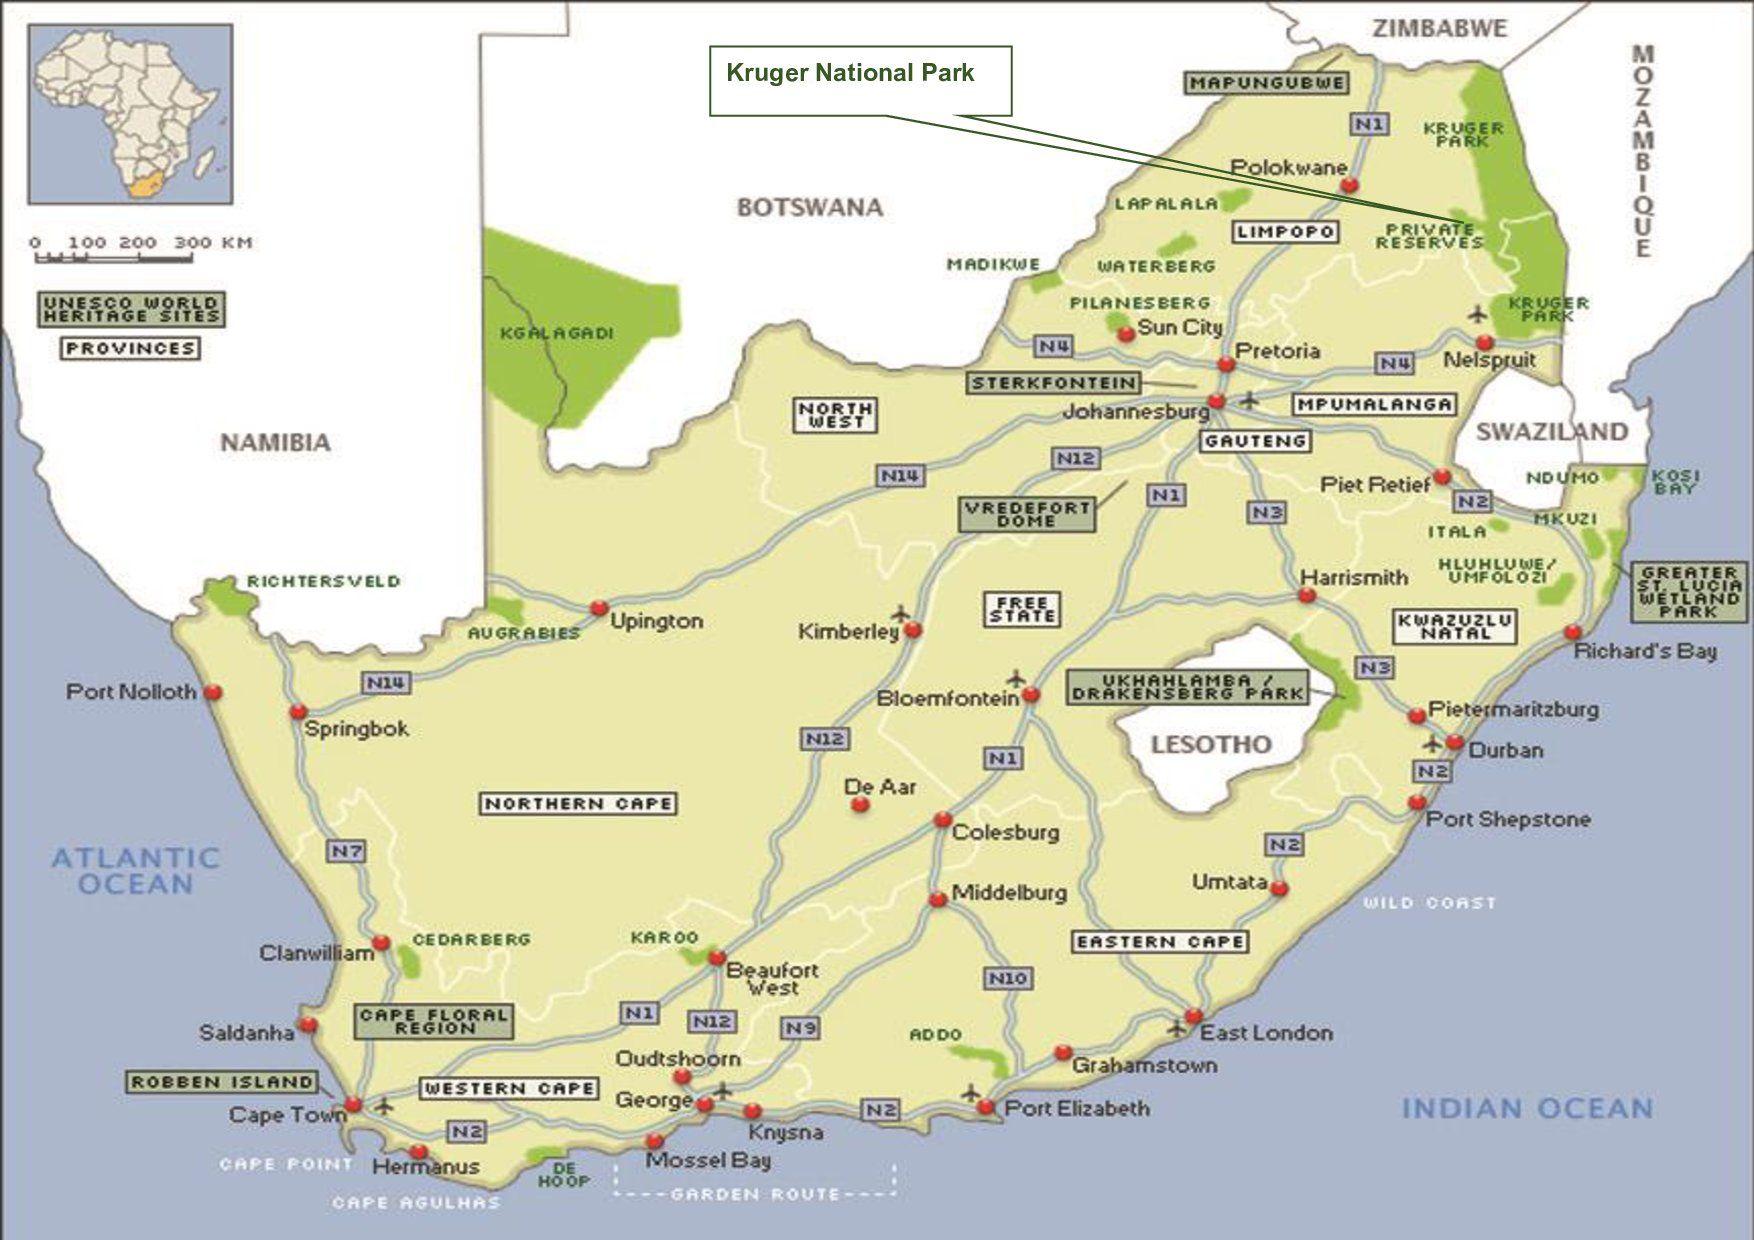 Kruger National Park Pilanesberg South Africa Map National Parks